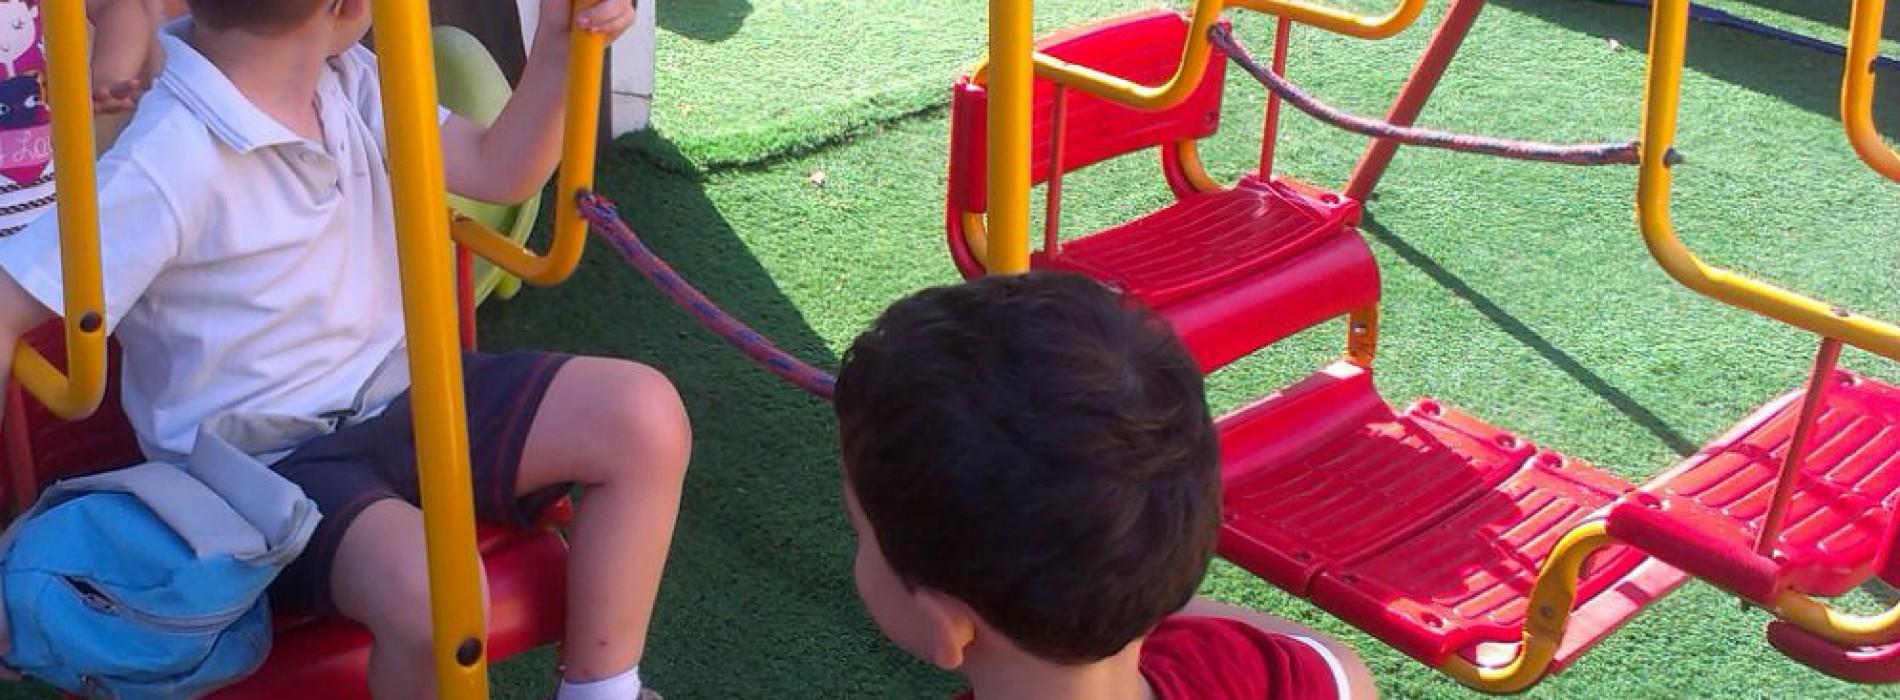 Începe școala, dar ce facem cu copiii după ore?